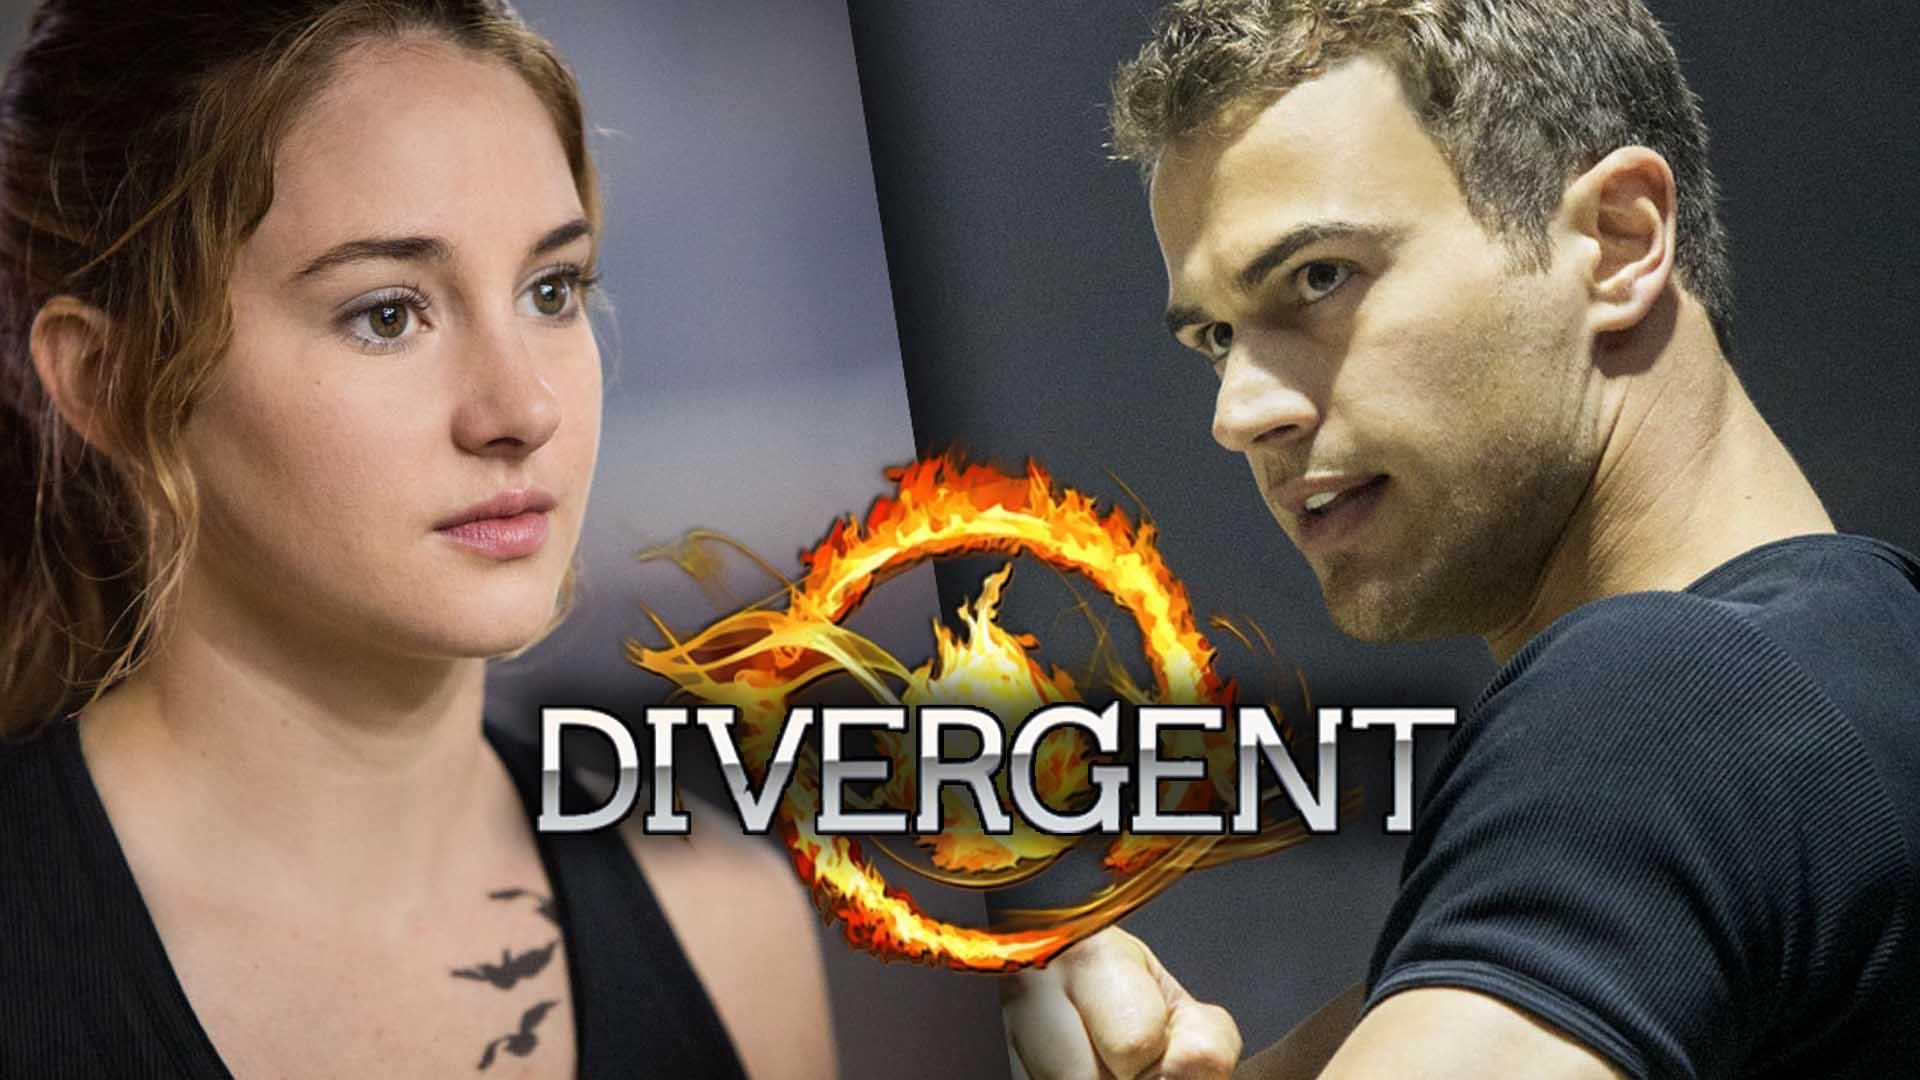 divergent movie download free